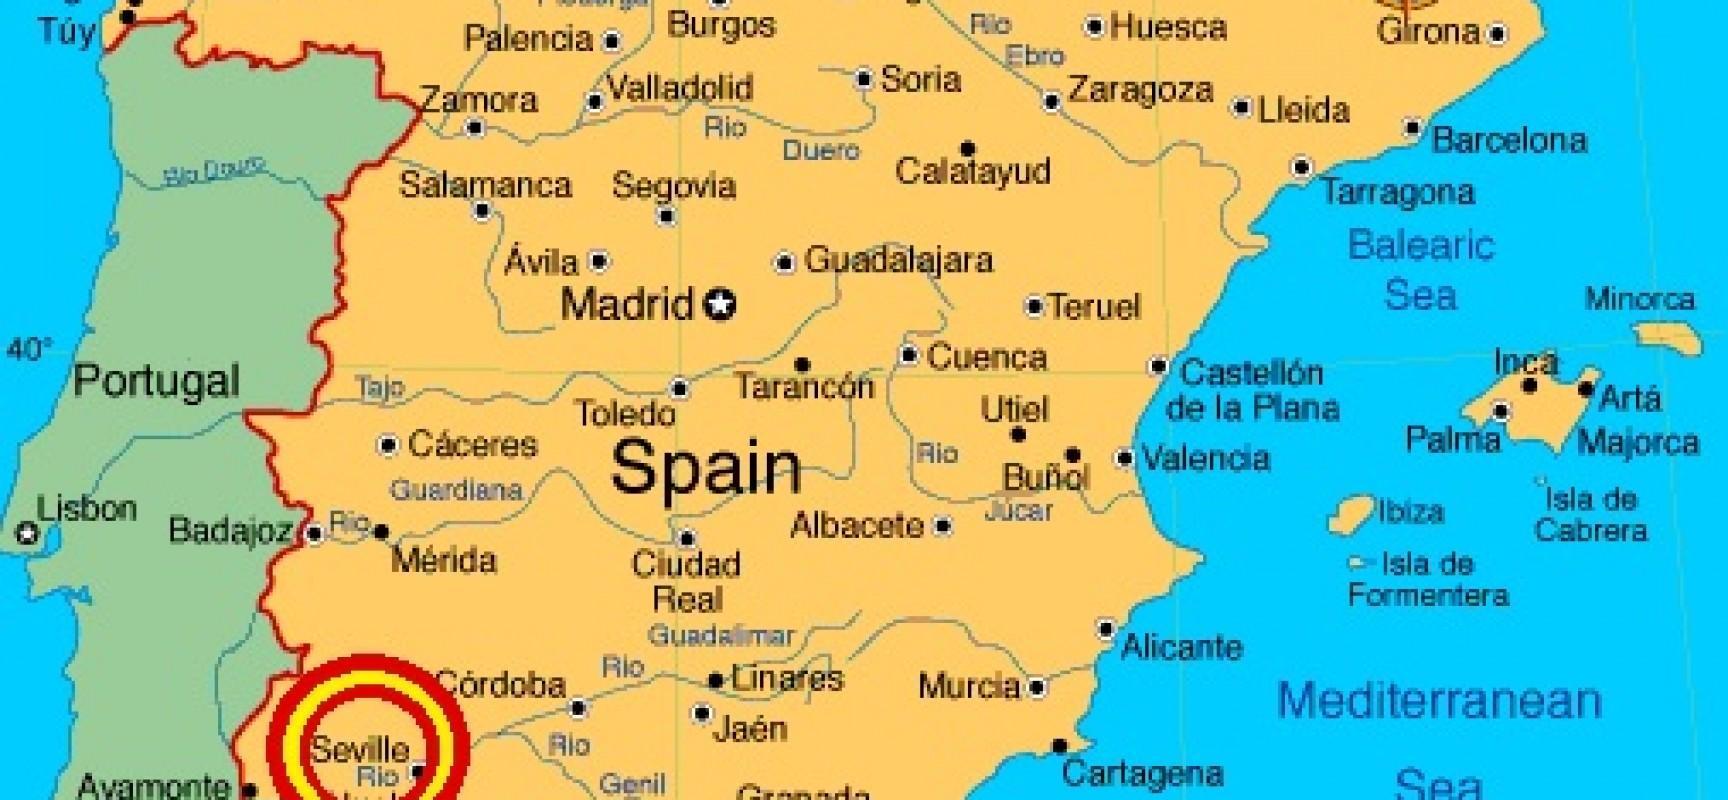 Andalusien Karte Spanien.Karte Von Spanien Zeigt Seville Karte Von Spanien Zeigt Sevilla